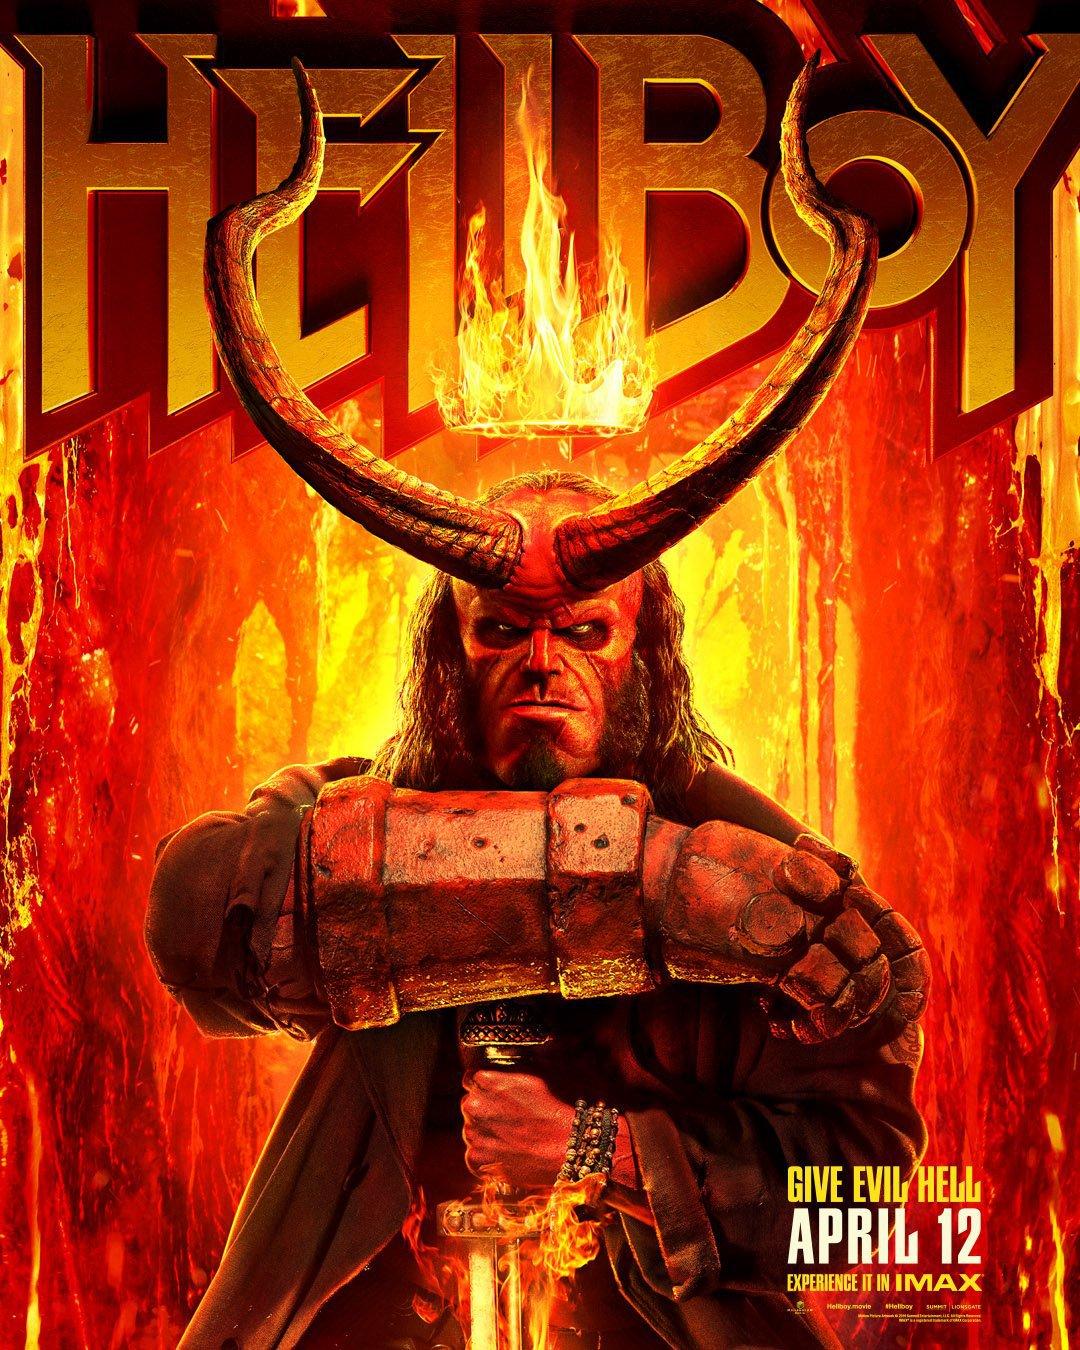 I Nuovi Poster Di Hellboy Anticipano Il Nuovo Trailer In